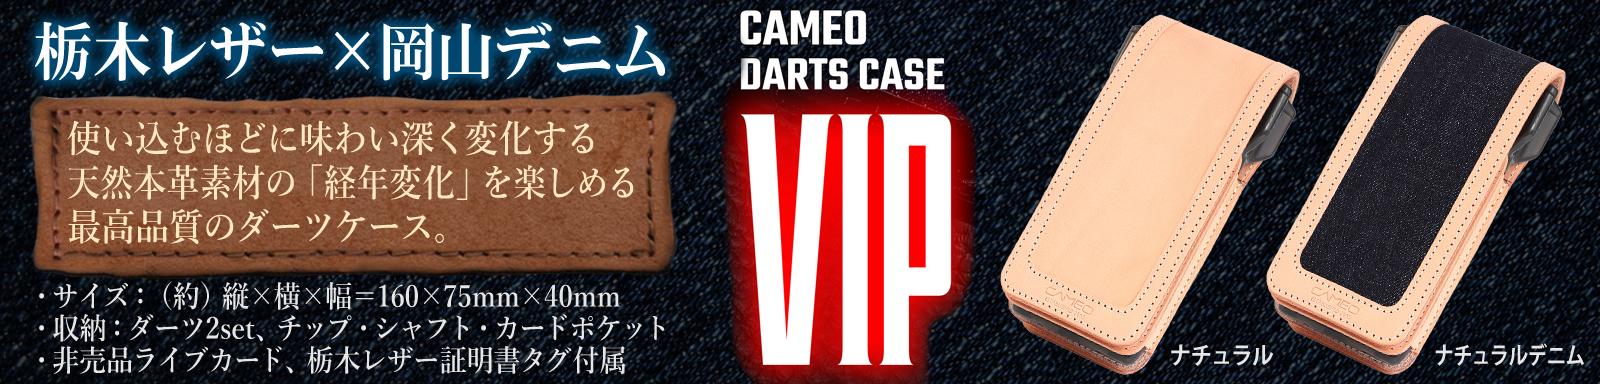 錦タップキャンペーン